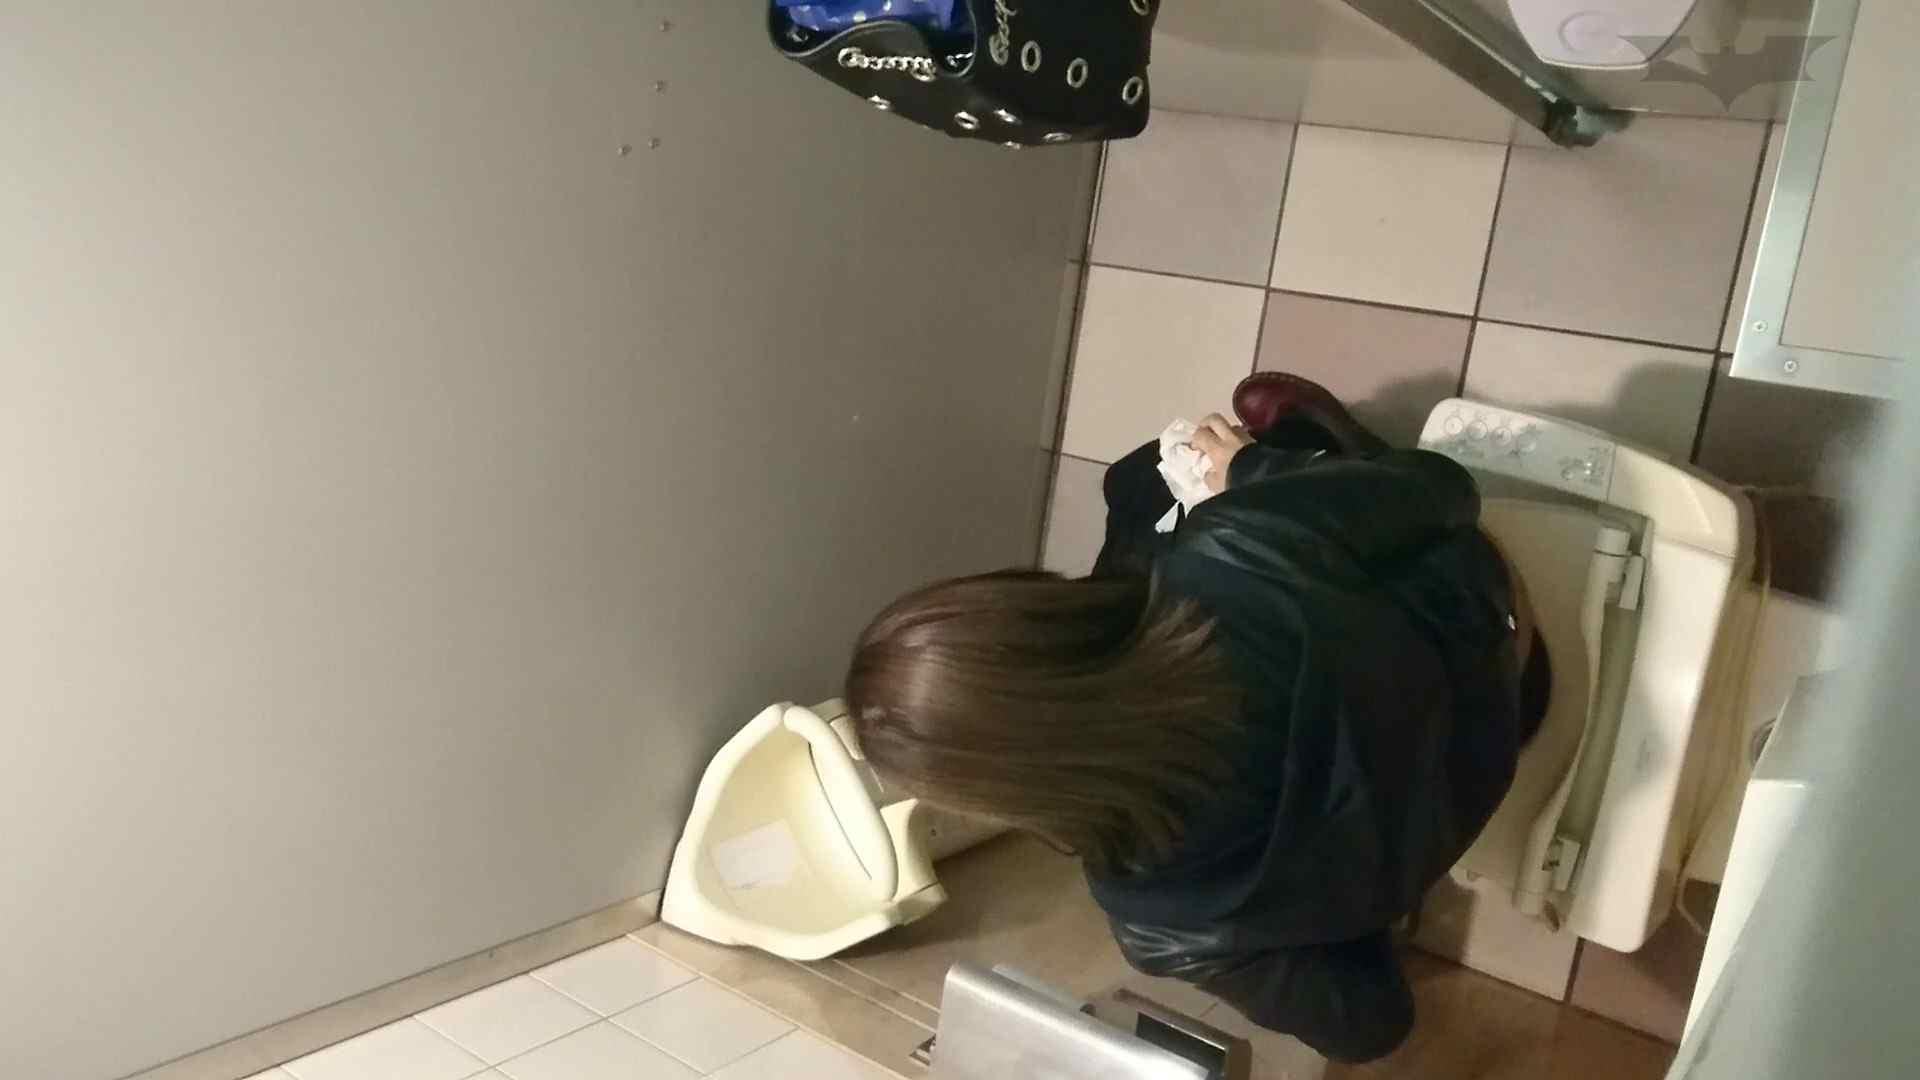 化粧室絵巻 ショッピングモール編 VOL.12 丸見え 戯れ無修正画像 89枚 11